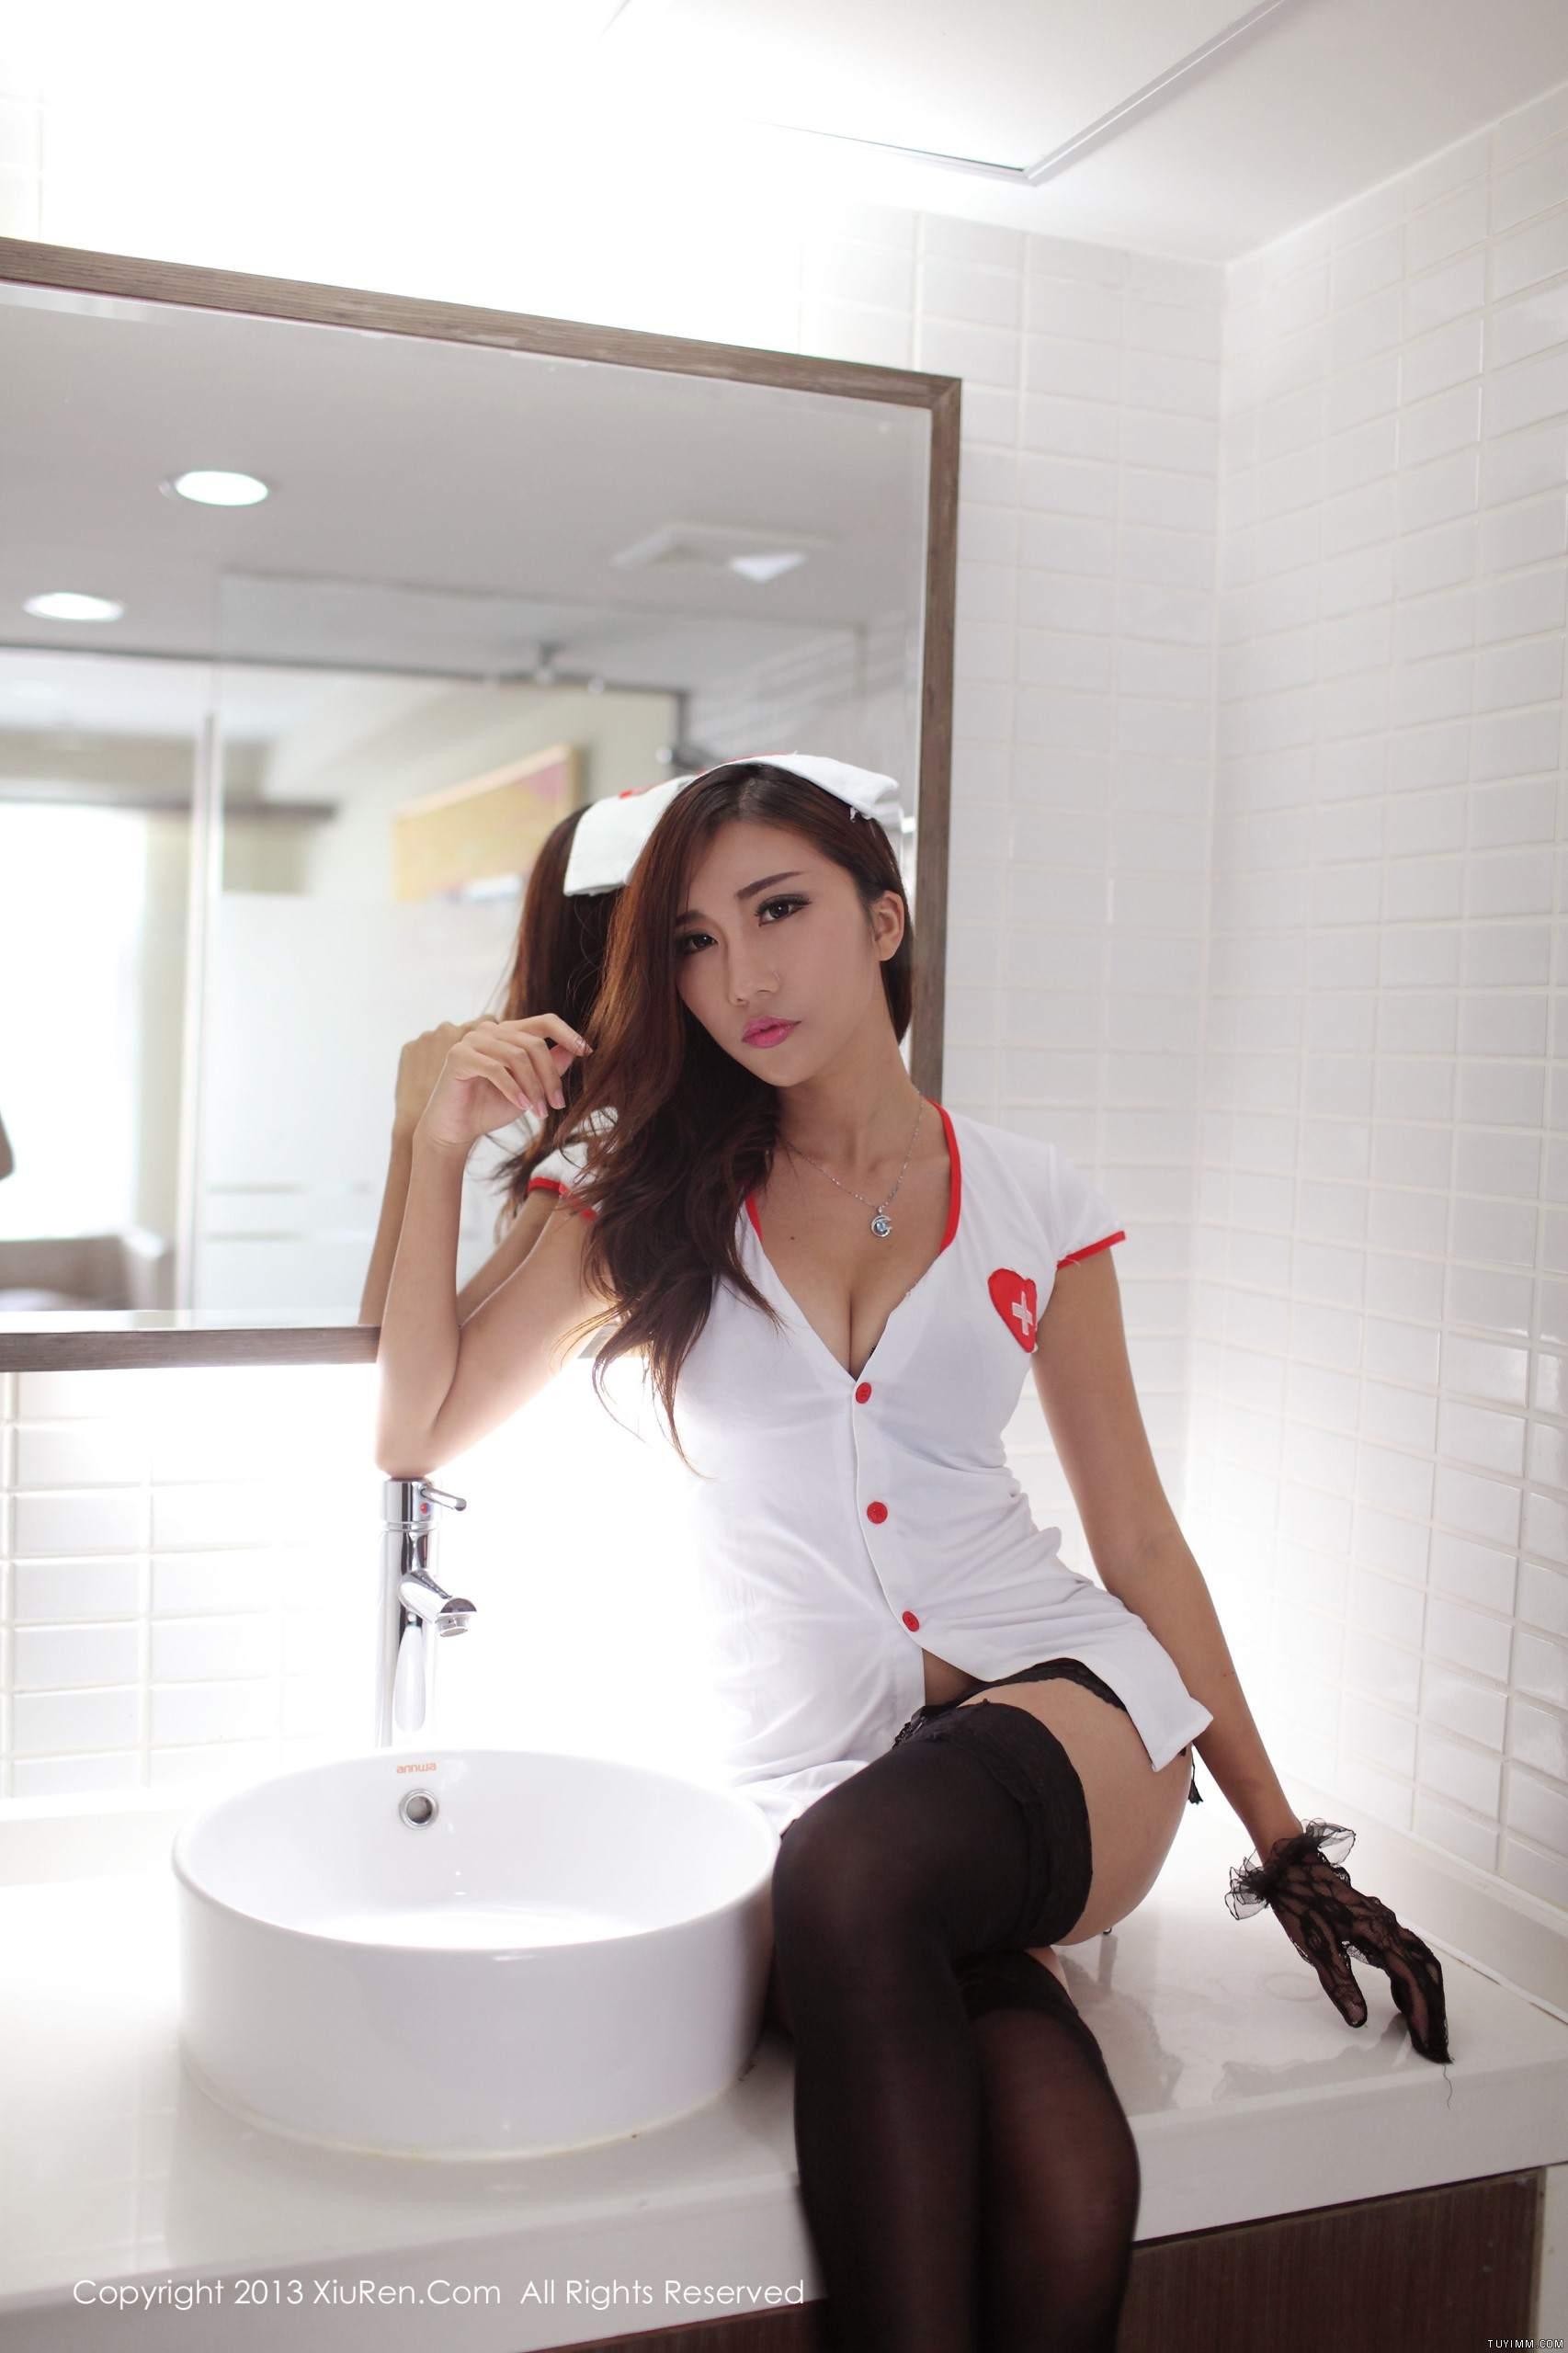 [福利]霸气欣欣爷の678辅助网-第10张图片-哔哔娱乐网